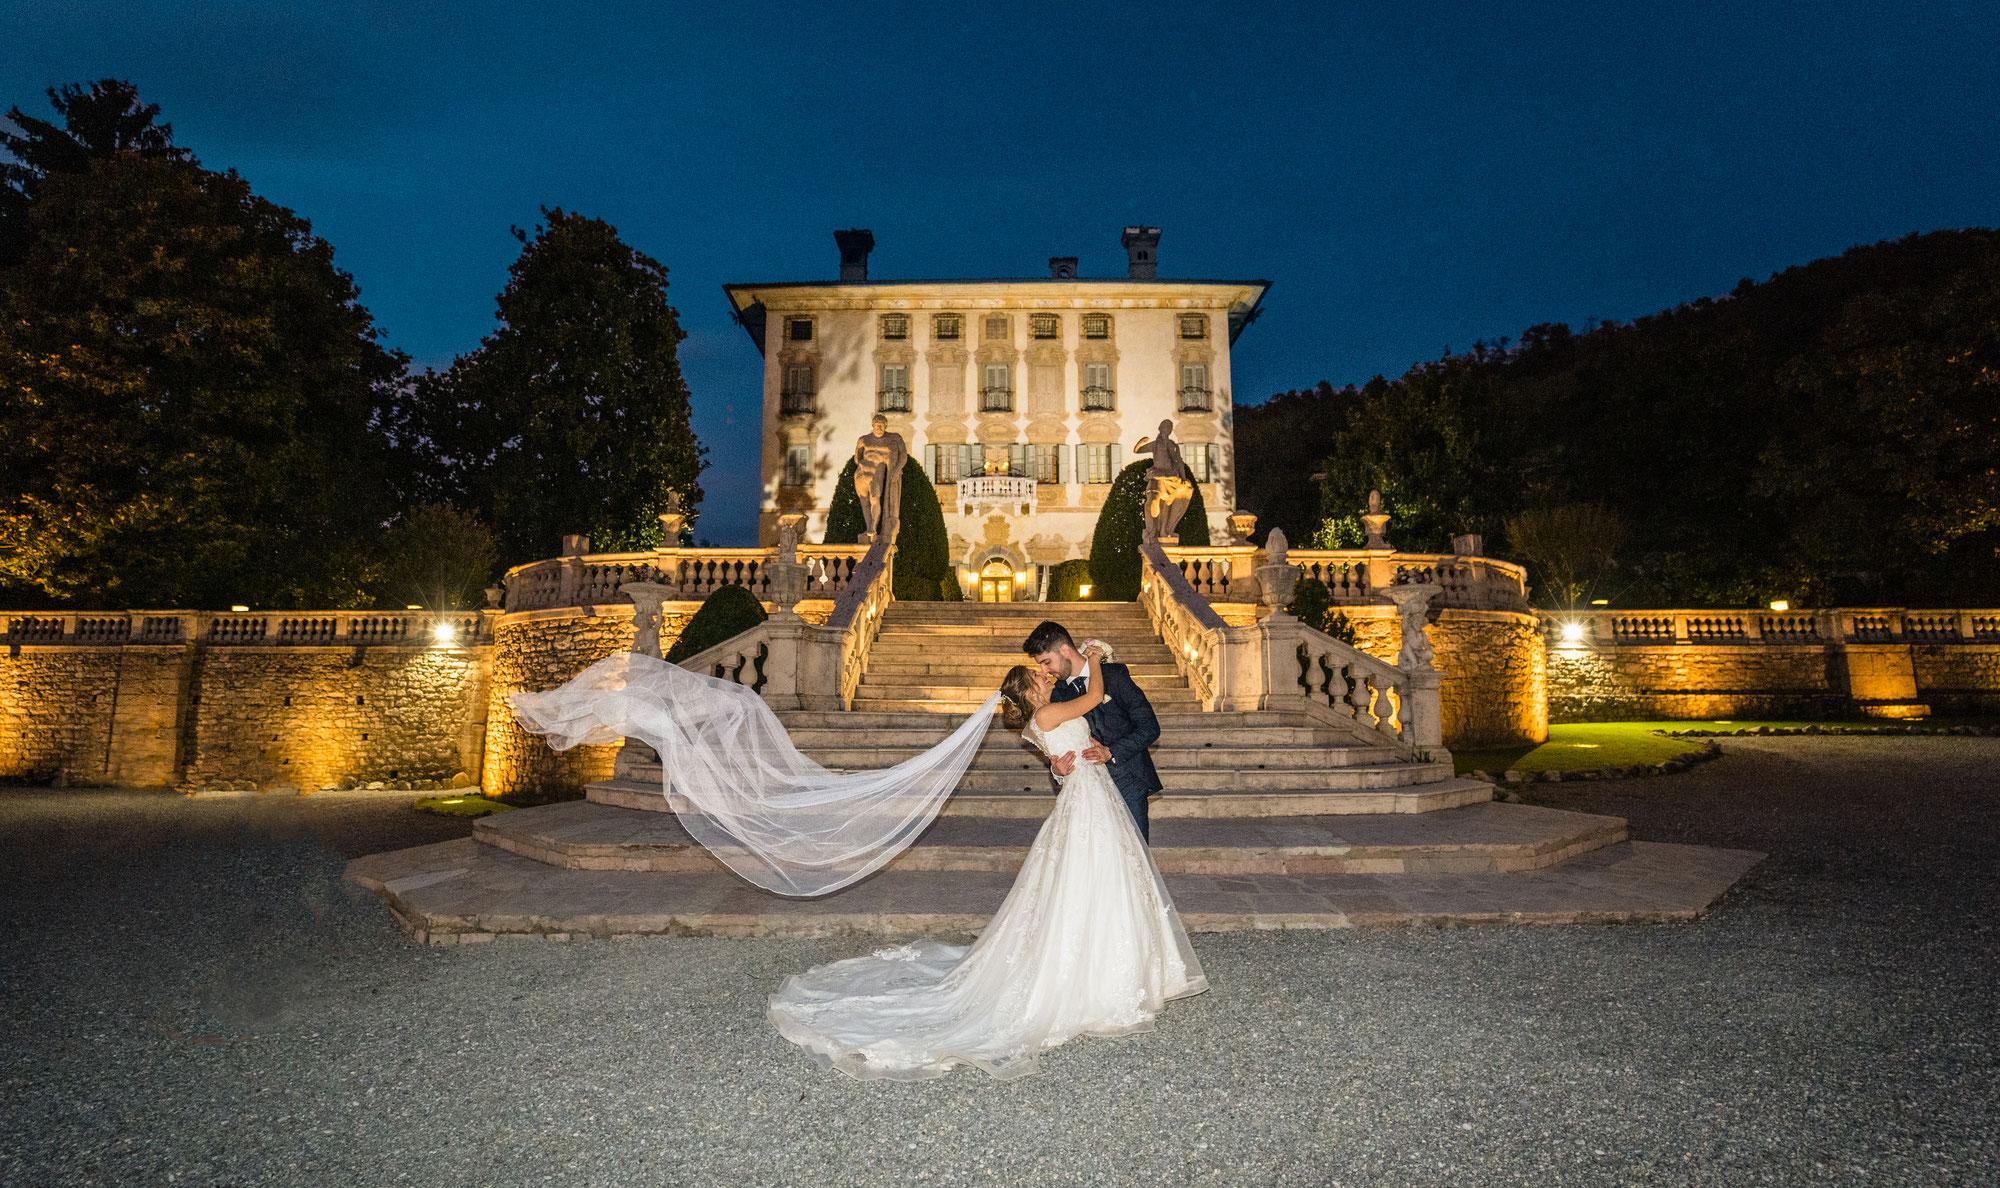 Fotografo Matrimonio Bergamo - Matrimonio Villa Canton - Erika e Andrea